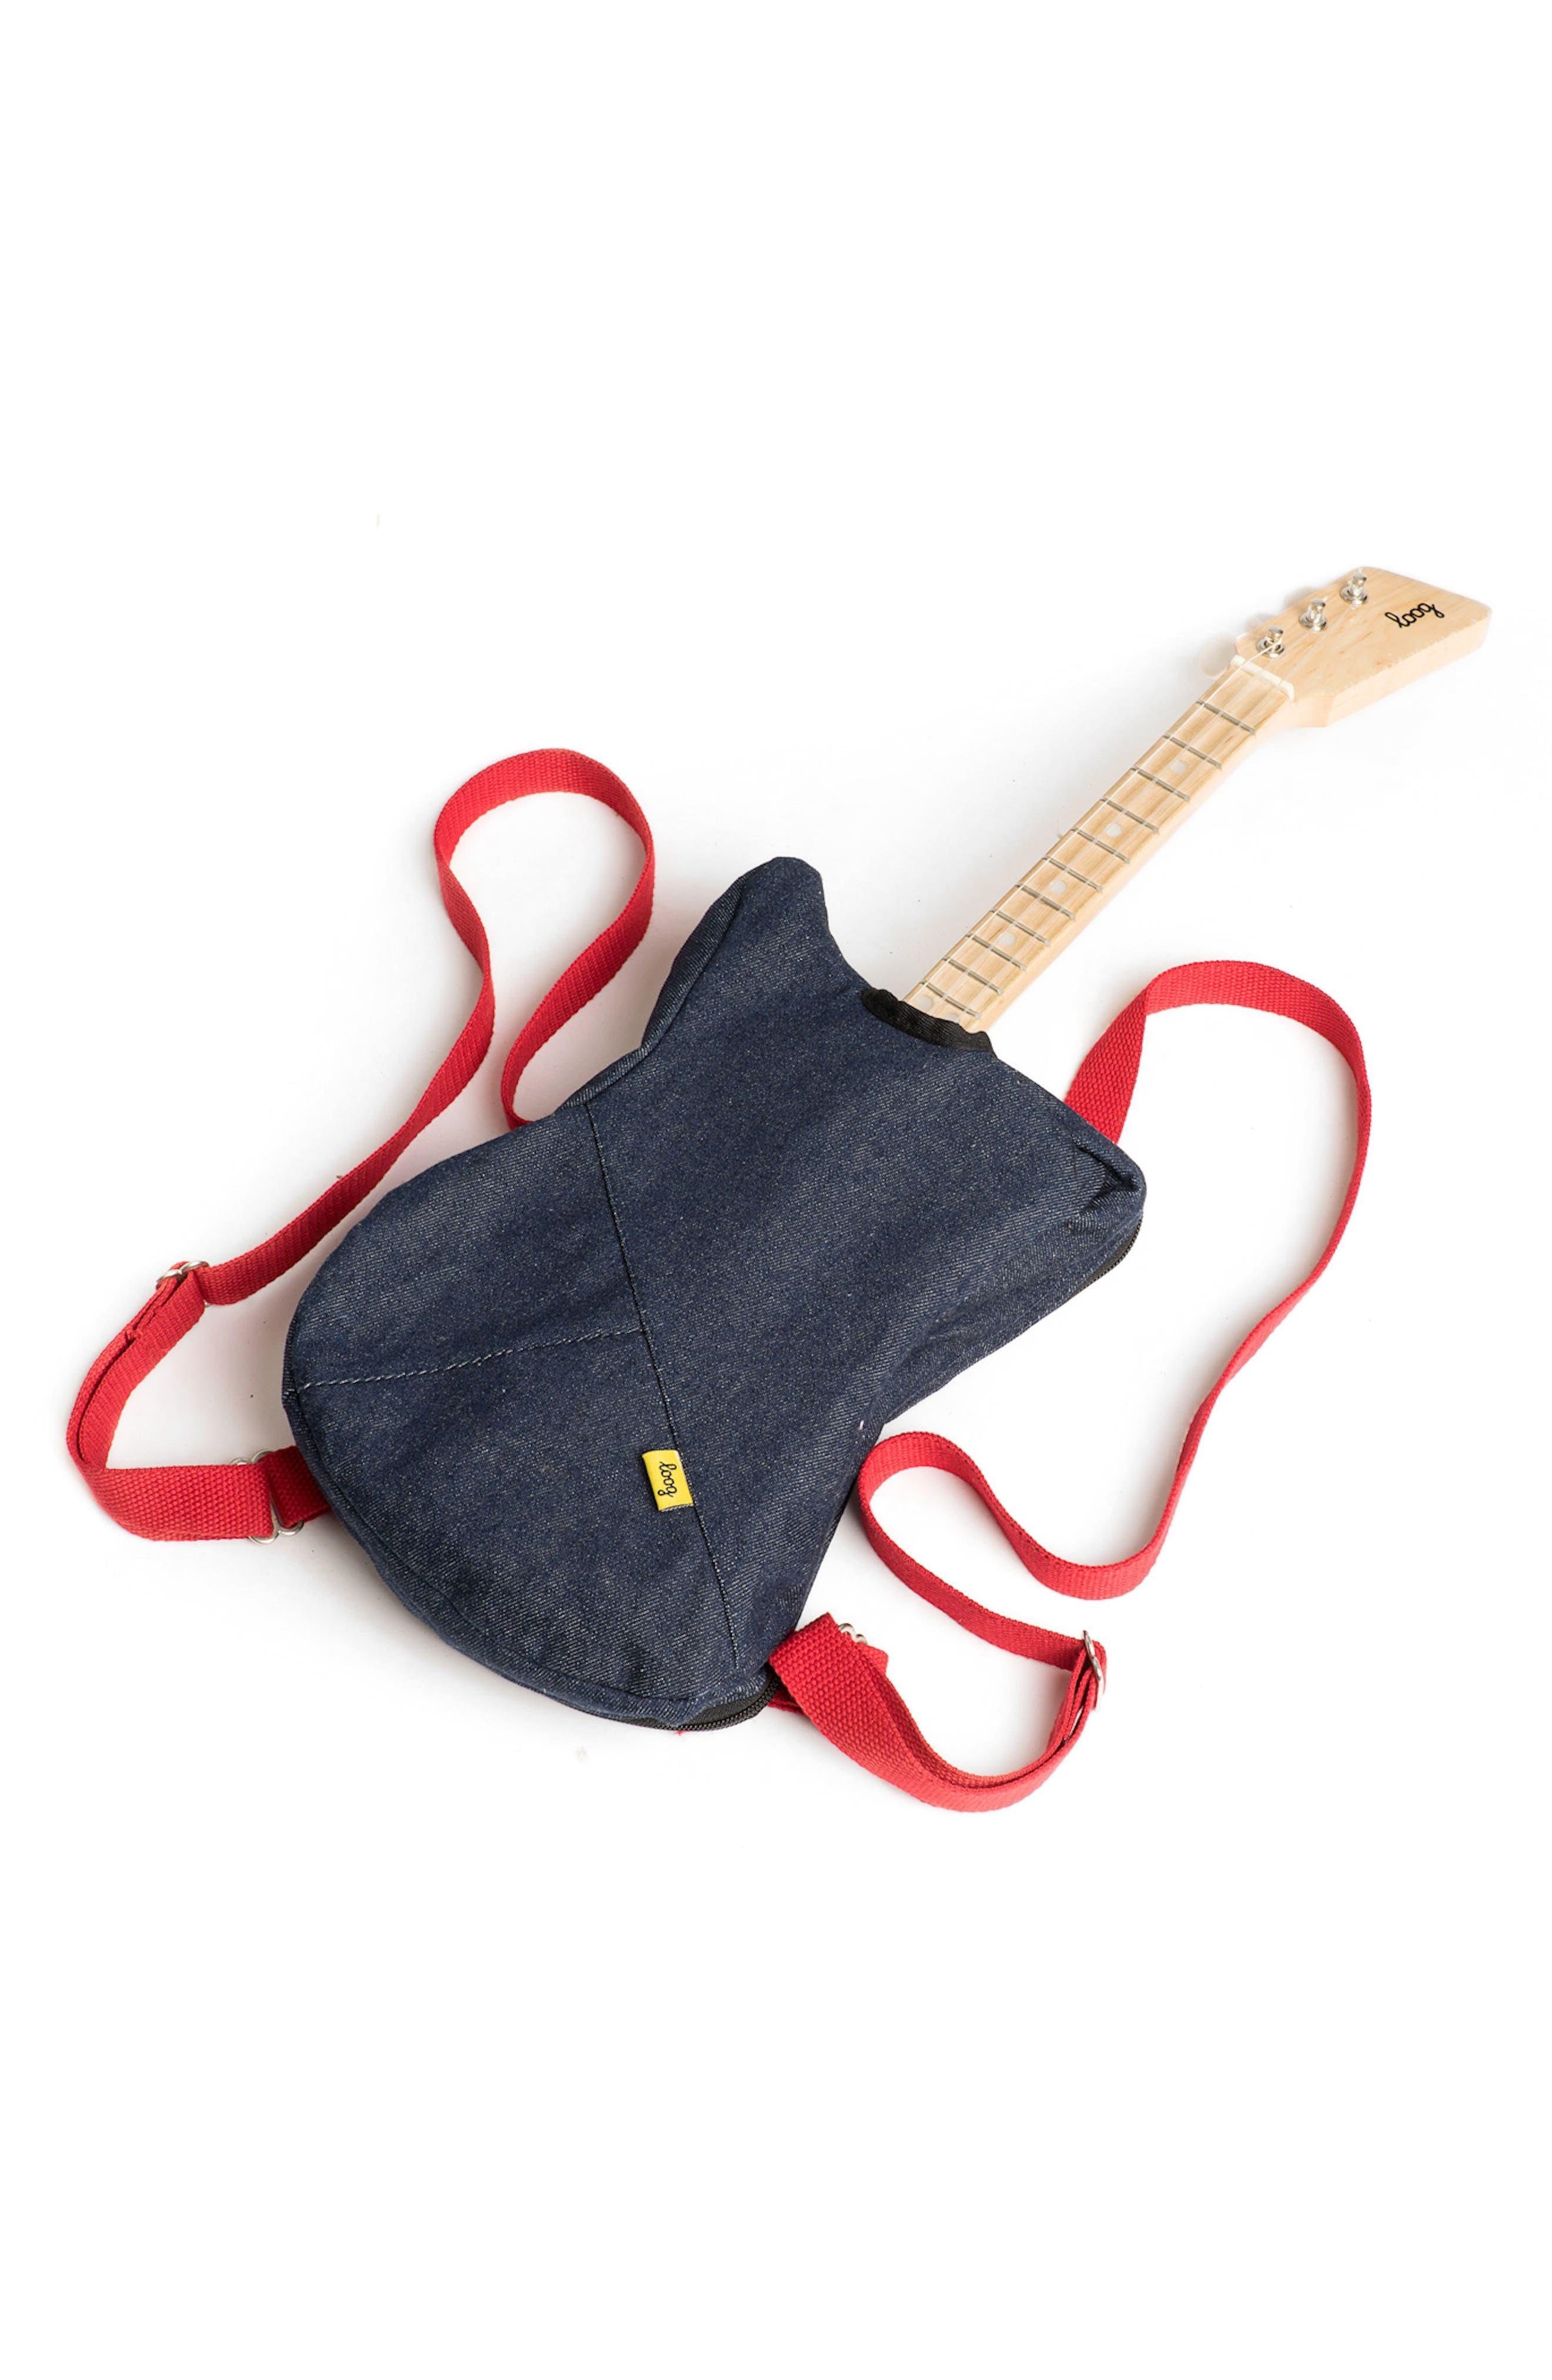 Loog Guitar Backpack Case